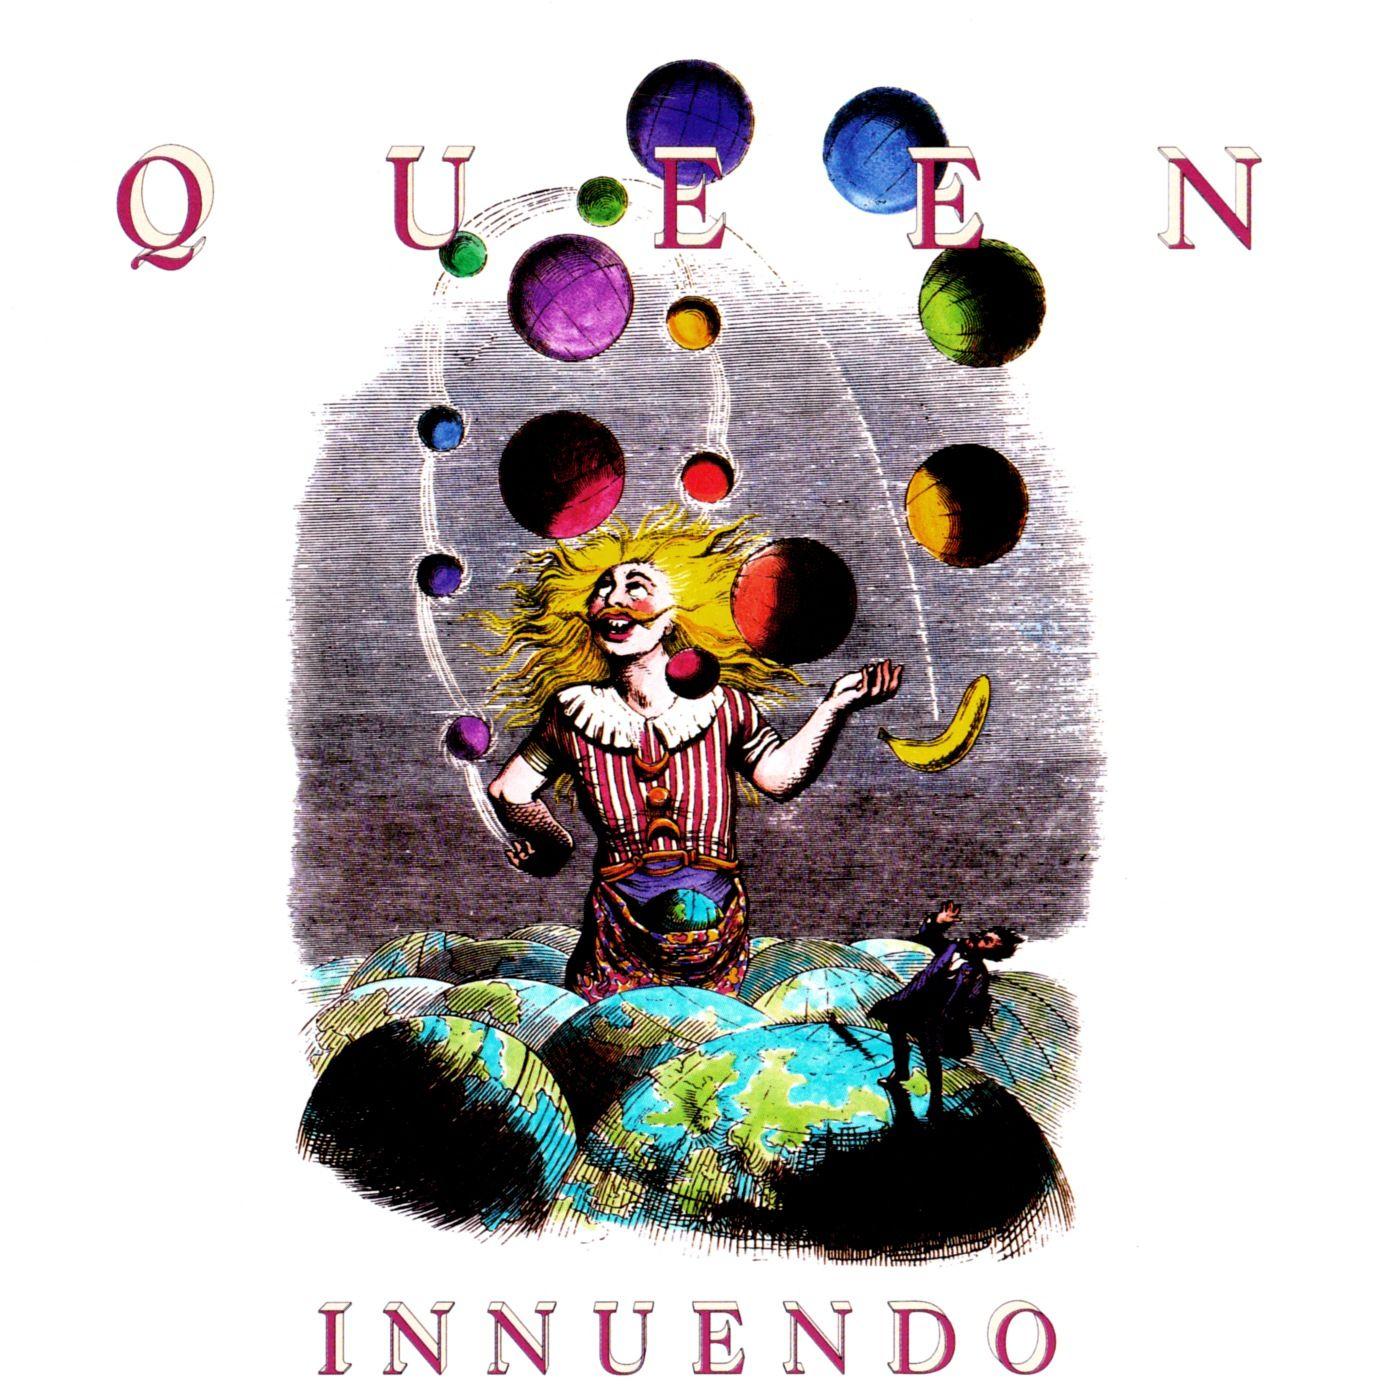 Queen - Innuendo album cover